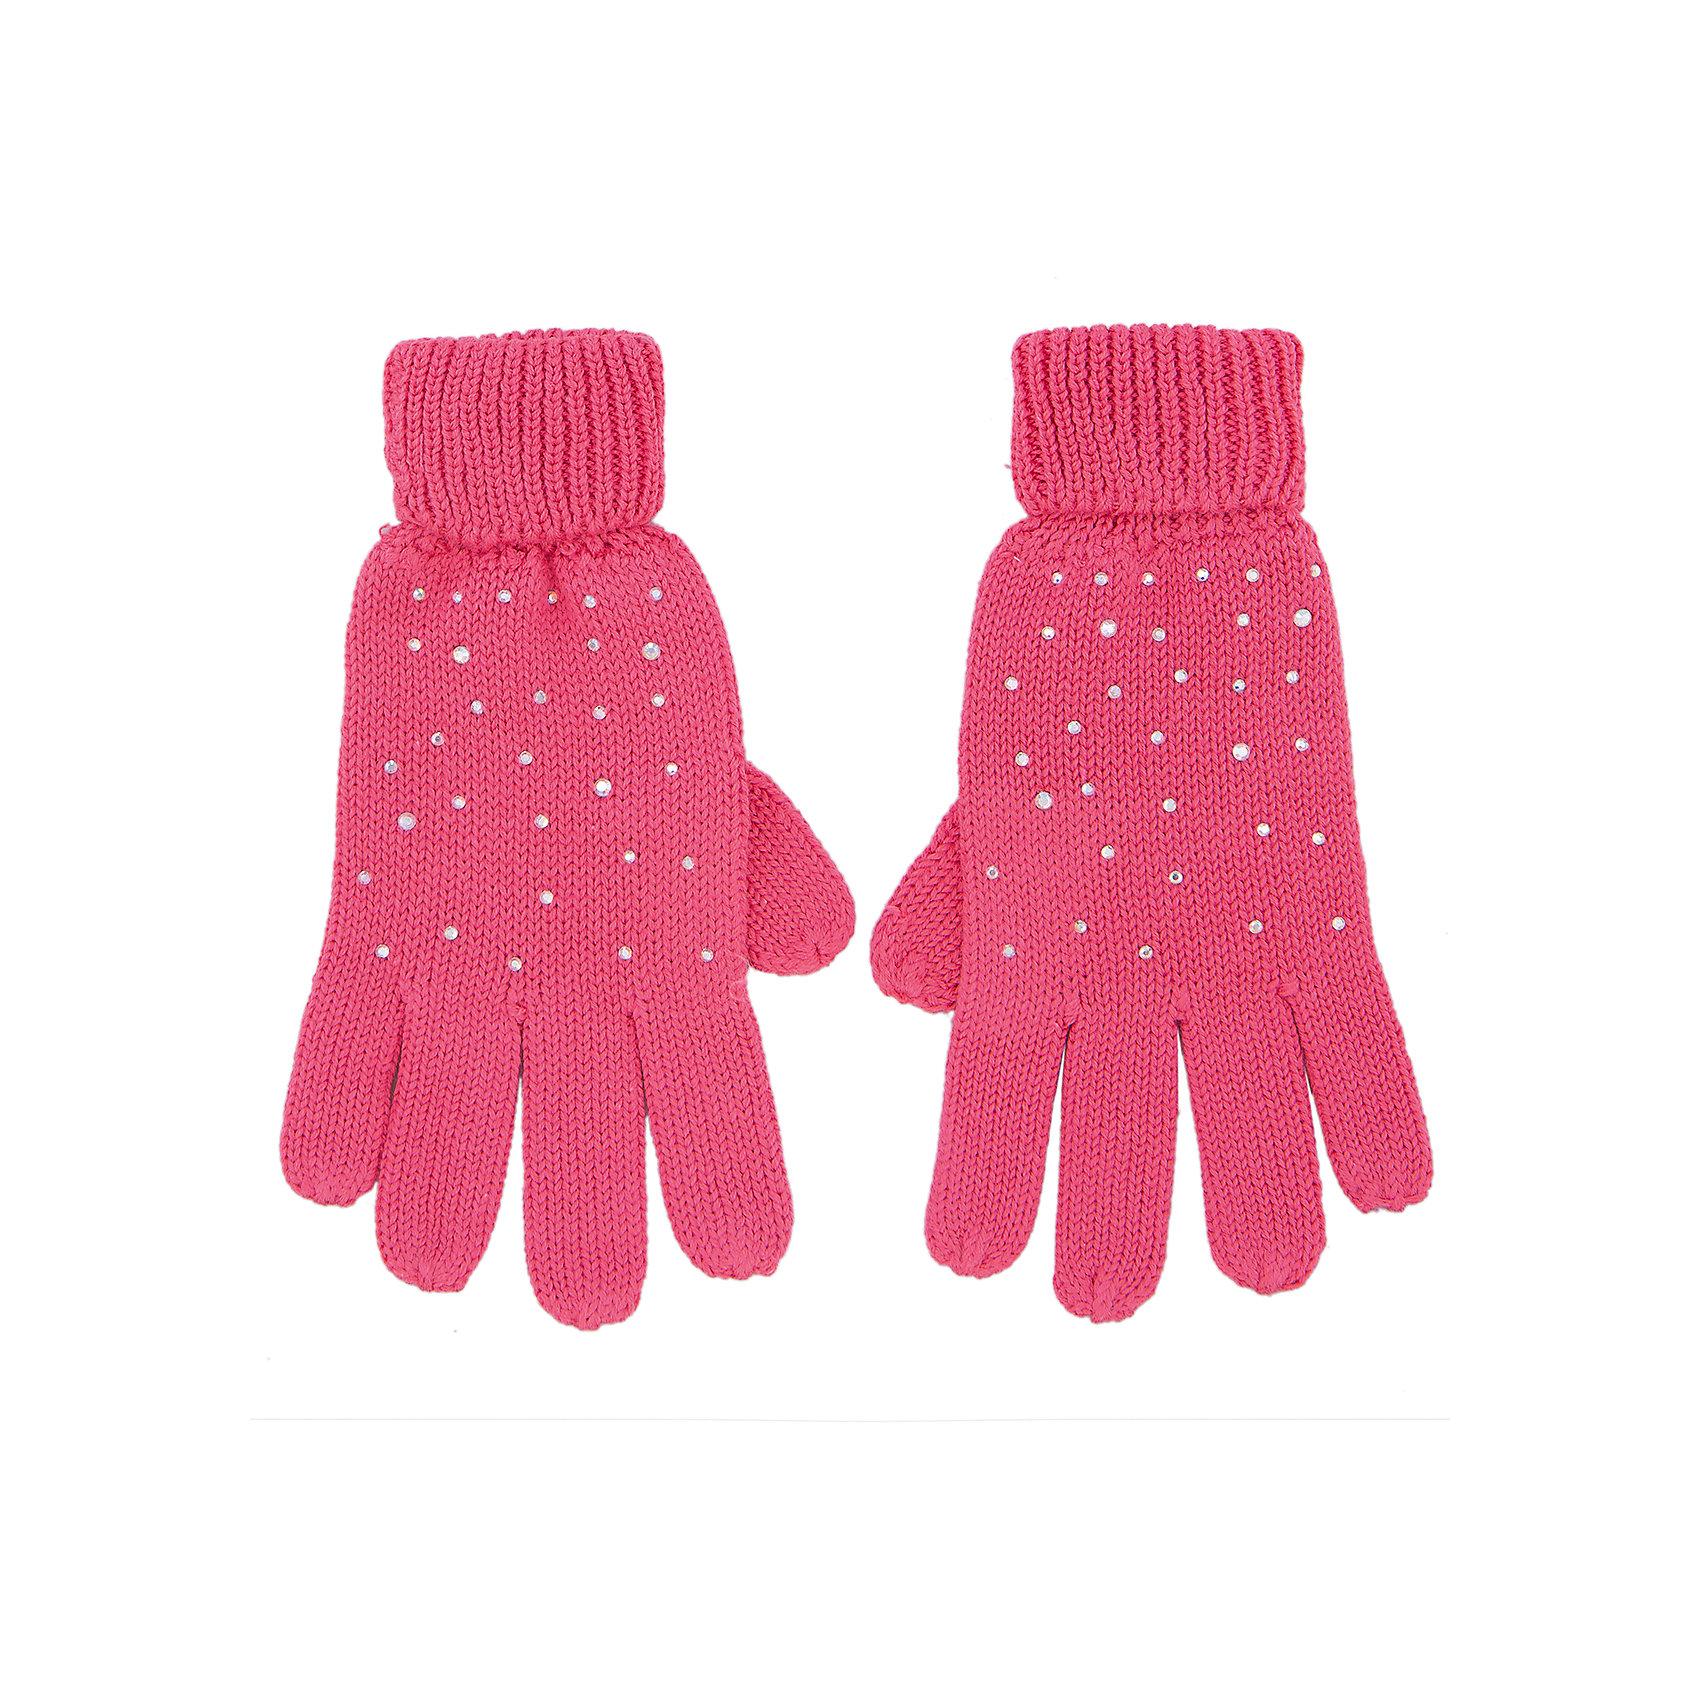 Перчатки для девочки SELAАксессуары и одежда от SELA - это качество и отличные цены. Яркие и стильные перчатки для девочки из новой коллекции будут заметной деталью осеннего образа. Сочные цвета не оставят равнодушным никого.<br>У перчаток есть уплотненная резинка, которая защитит детскую руку от соскальзывания изделия и дополнительно утепляет модель. Блестящие, переливающиеся стразы, прикрепленные с помощью клея, добавляют будничной вещи праздничного стиля. <br>Все материалы, использованные в создании изделия,  отвечают современным требованиям по качеству и безопасности продукции. <br><br>Дополнительная информация:<br><br>цвет: коралловый;<br>состав: 55% хлопок, 45% акрил.<br><br>Перчатки для девочки от компании SELA можно купить в нашем магазине.<br><br>Ширина мм: 162<br>Глубина мм: 171<br>Высота мм: 55<br>Вес г: 119<br>Цвет: коралловый<br>Возраст от месяцев: 96<br>Возраст до месяцев: 120<br>Пол: Женский<br>Возраст: Детский<br>Размер: 16,14<br>SKU: 4913025